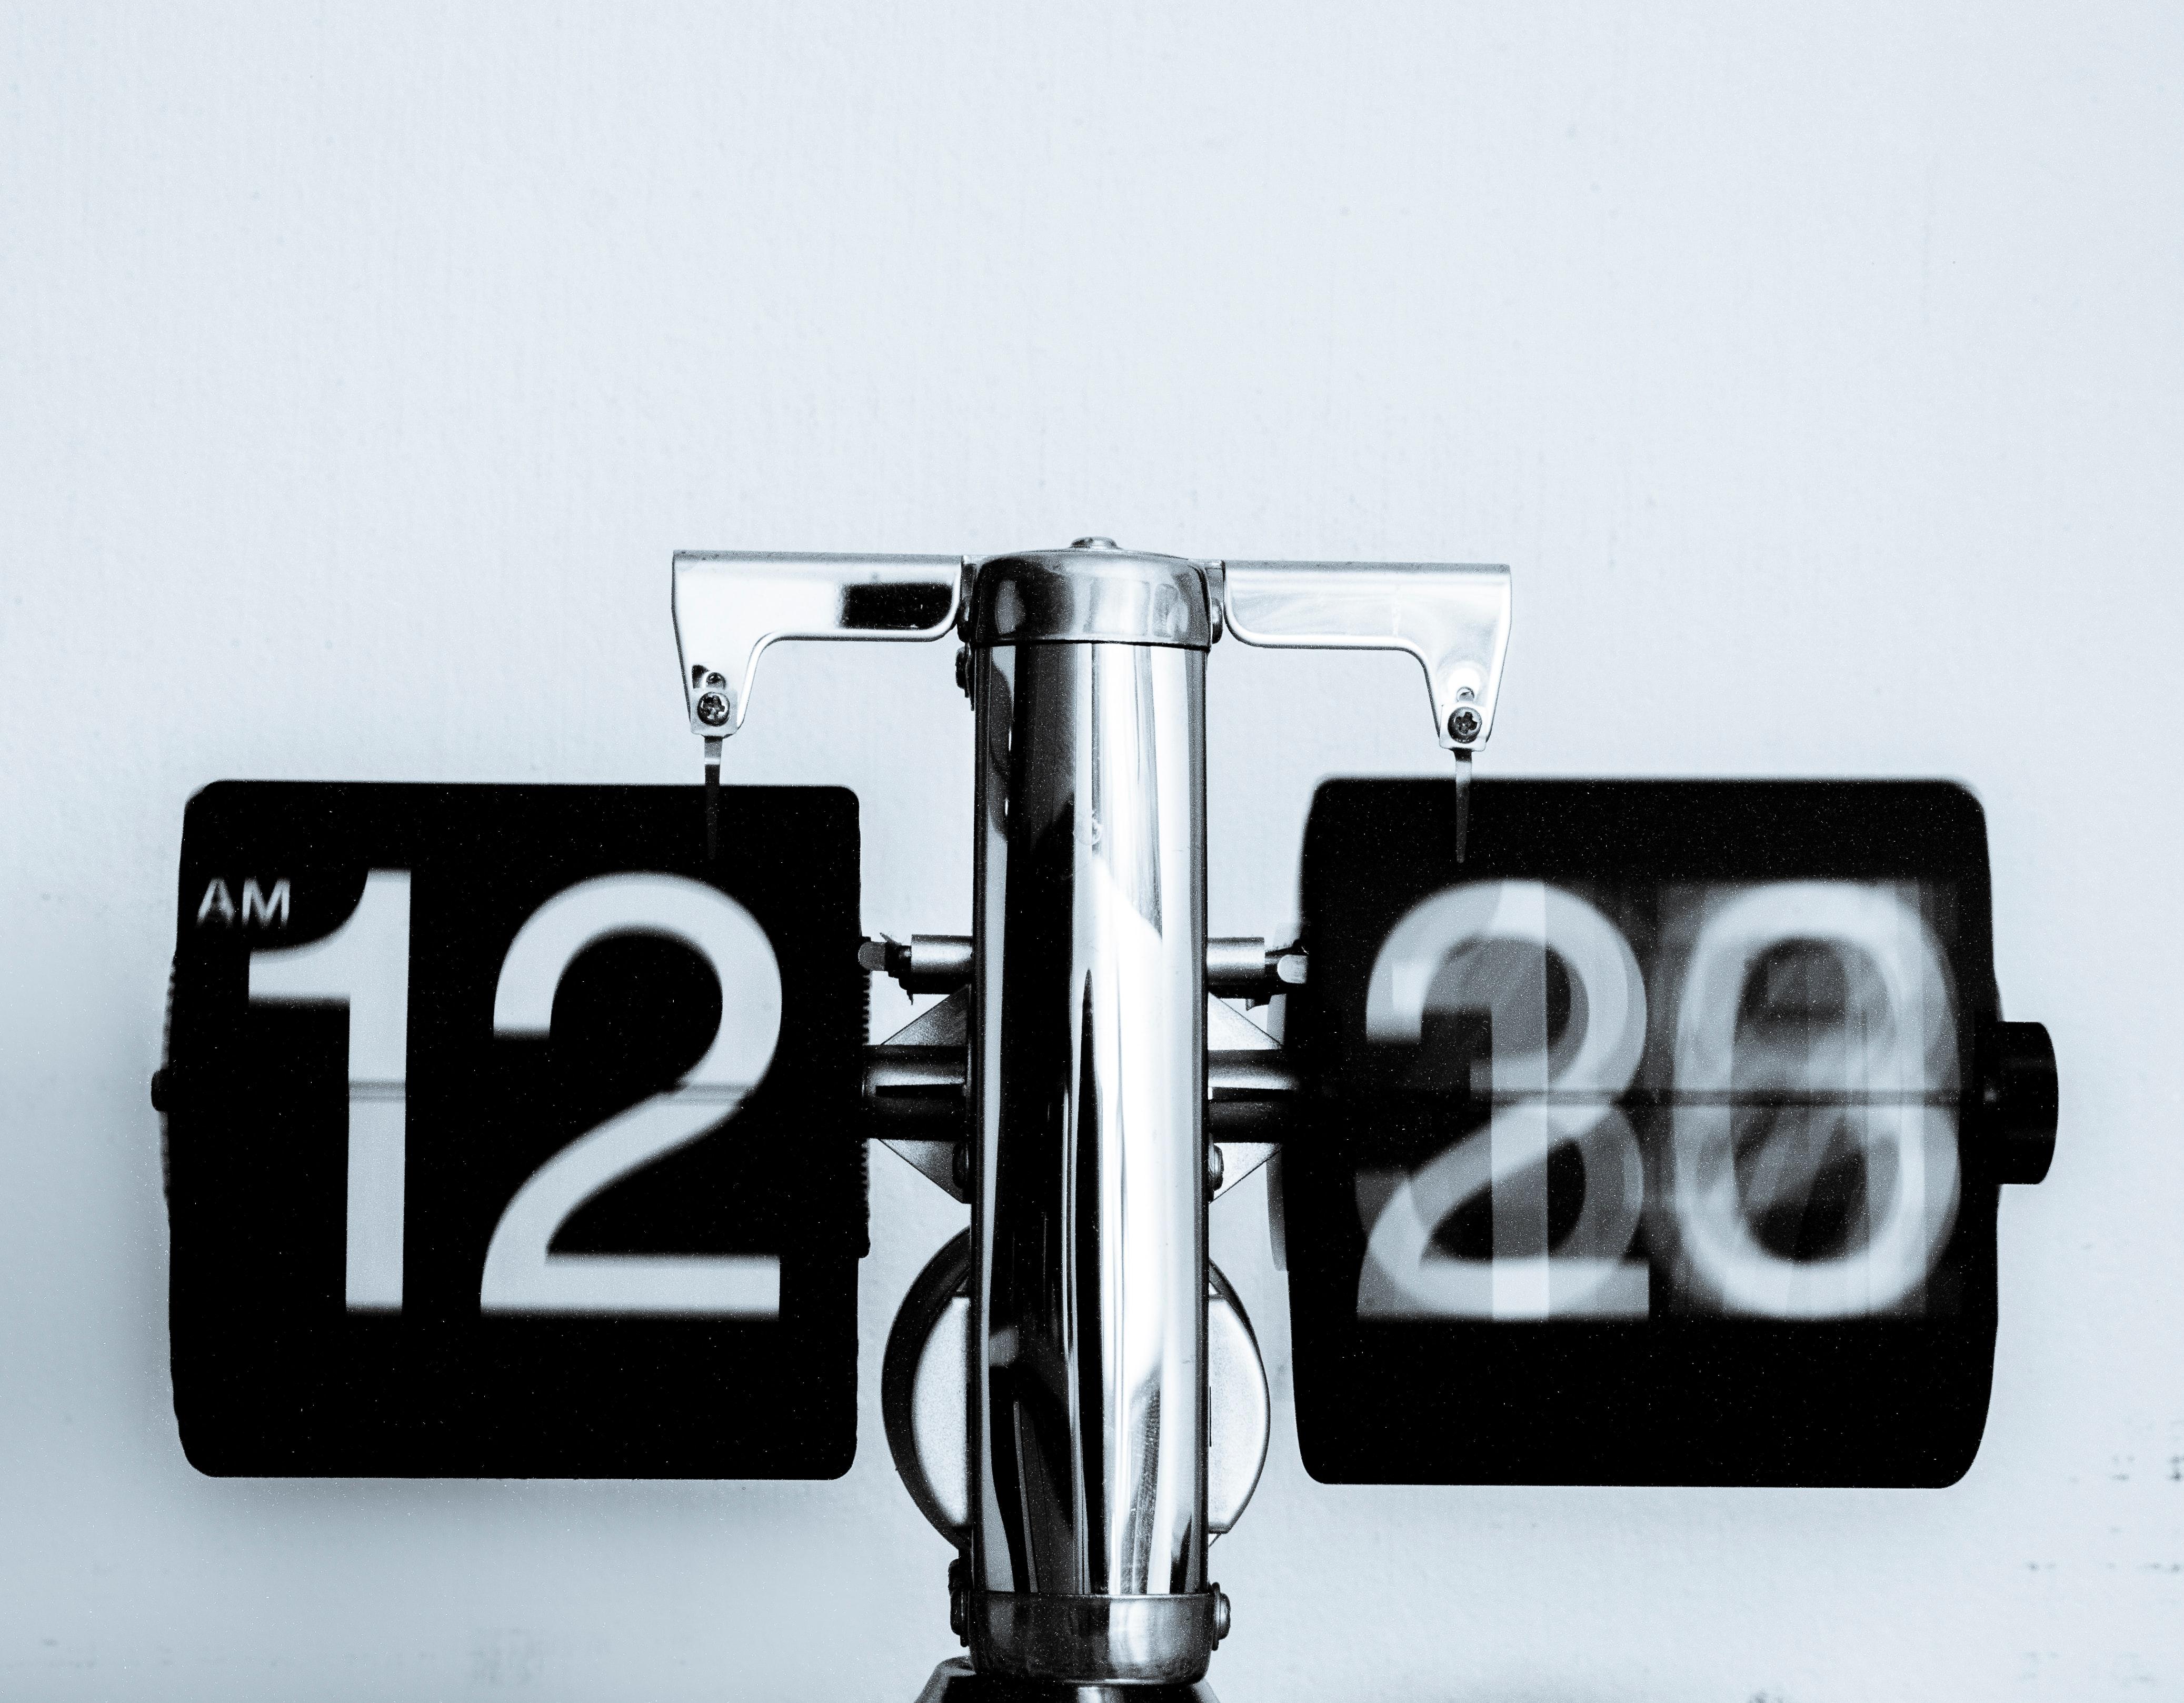 Relógio, aparentemente em que o tempo passa muito rápido, já que o campo dos minutos está borrado.